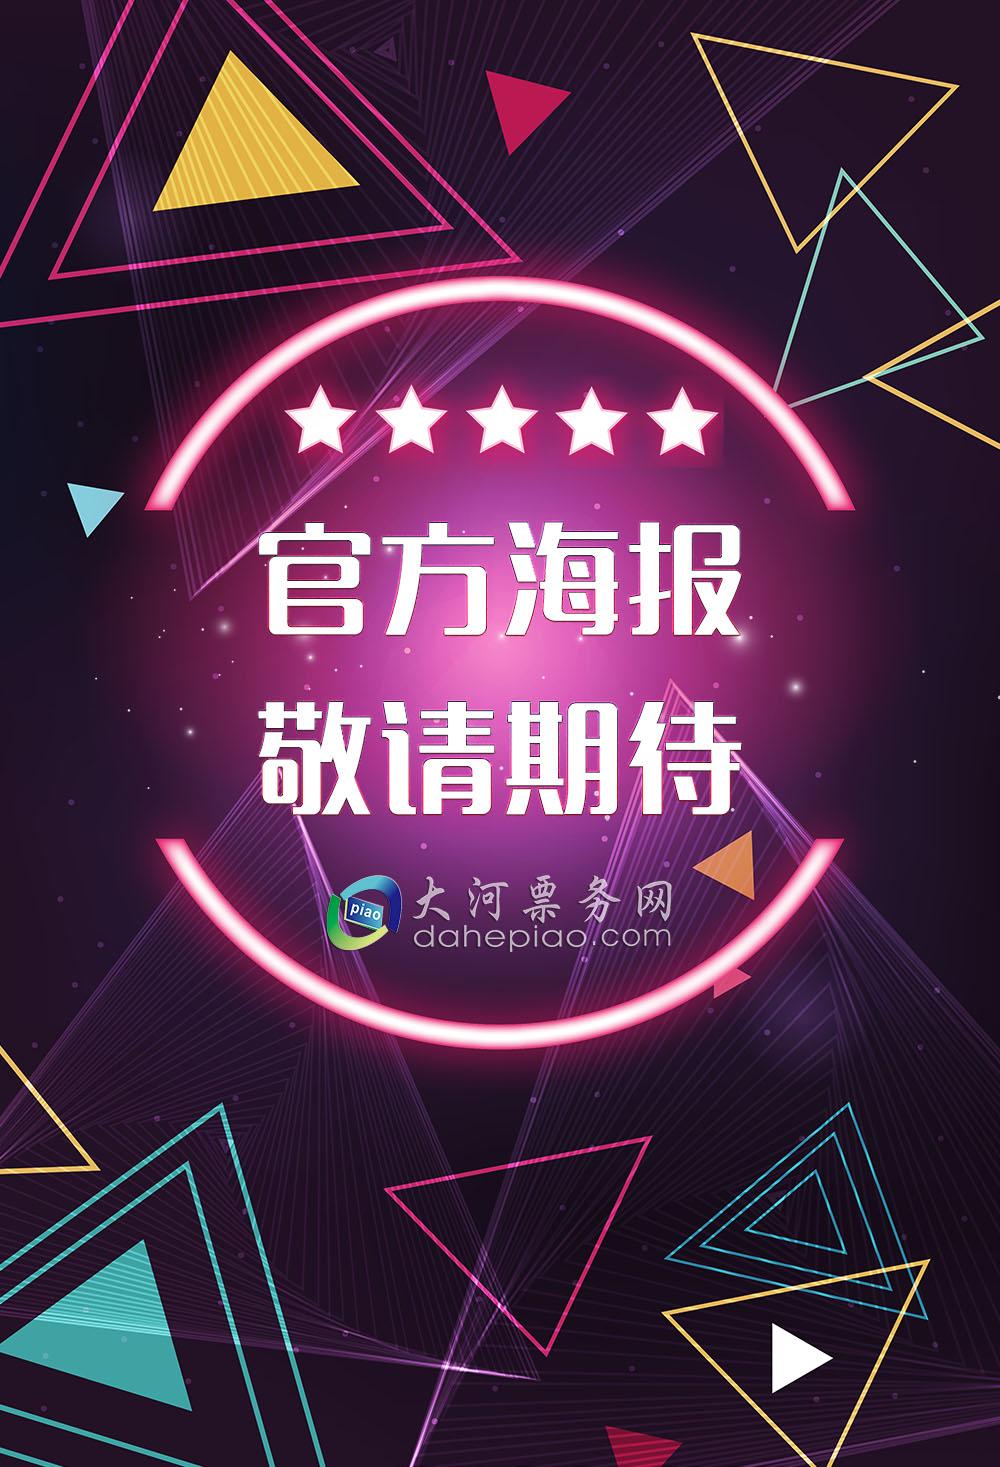 刘德华深圳演唱会